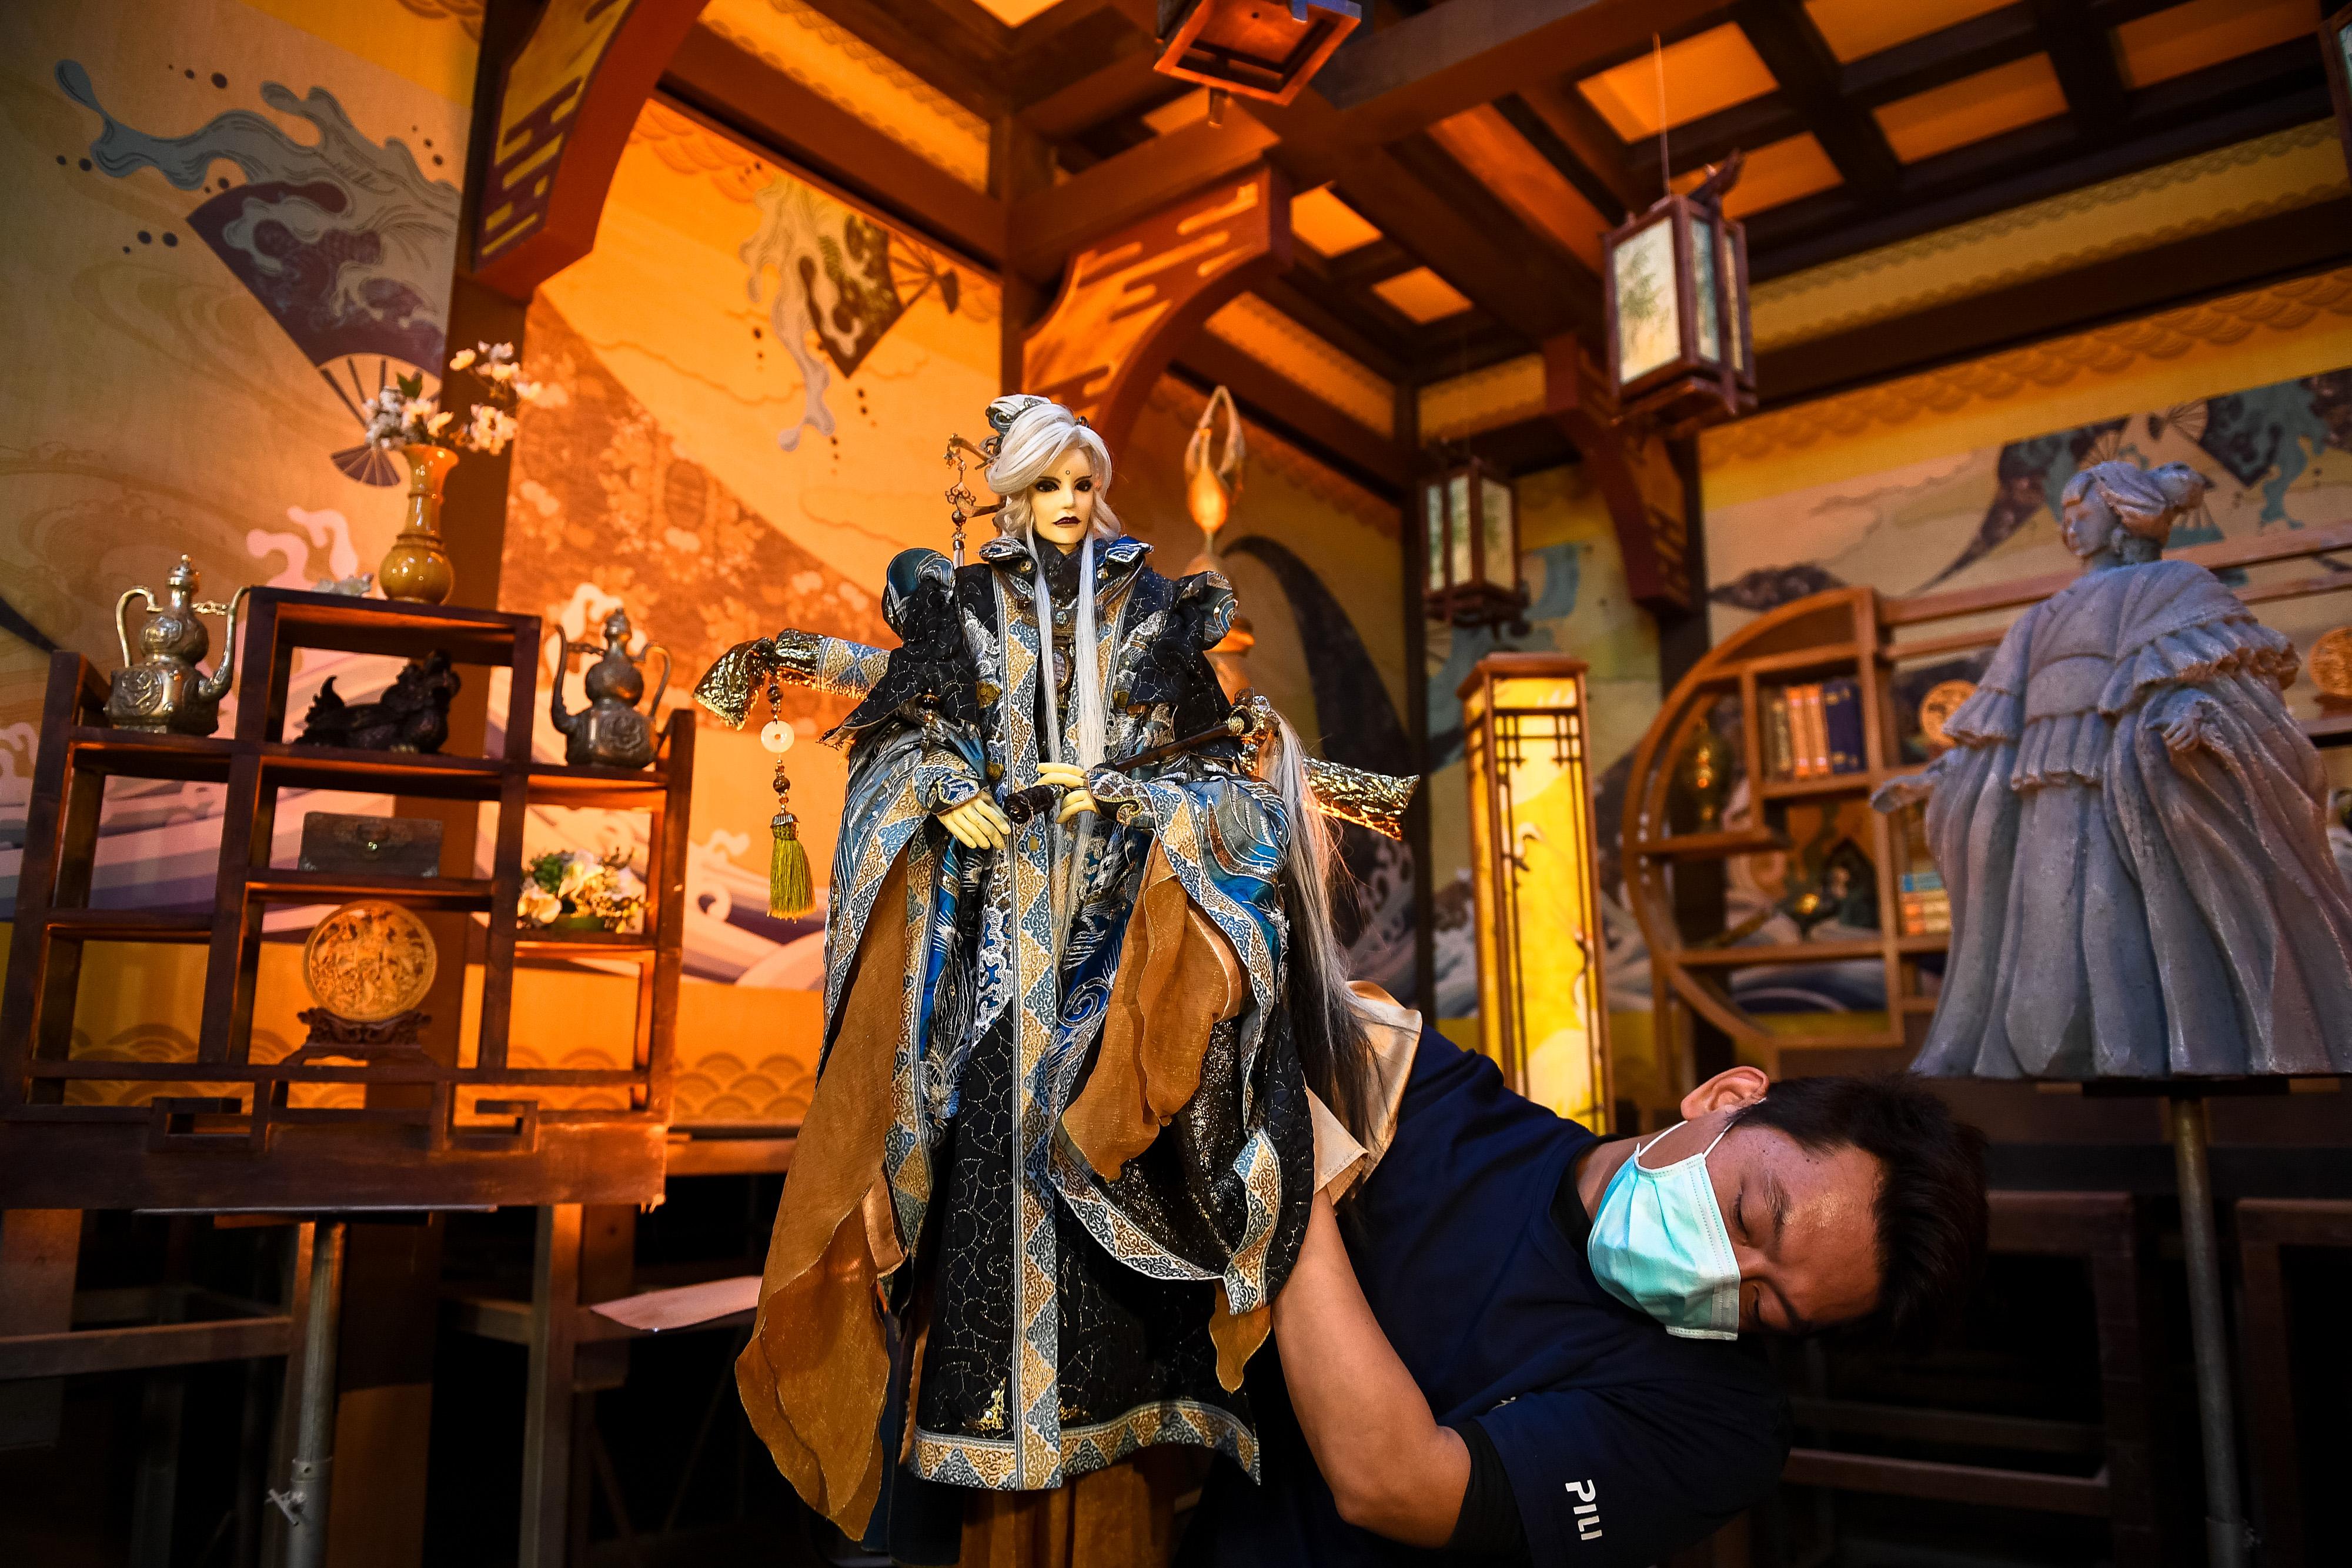 让传统的成为流行的——访台湾云林布袋戏传人黄强华